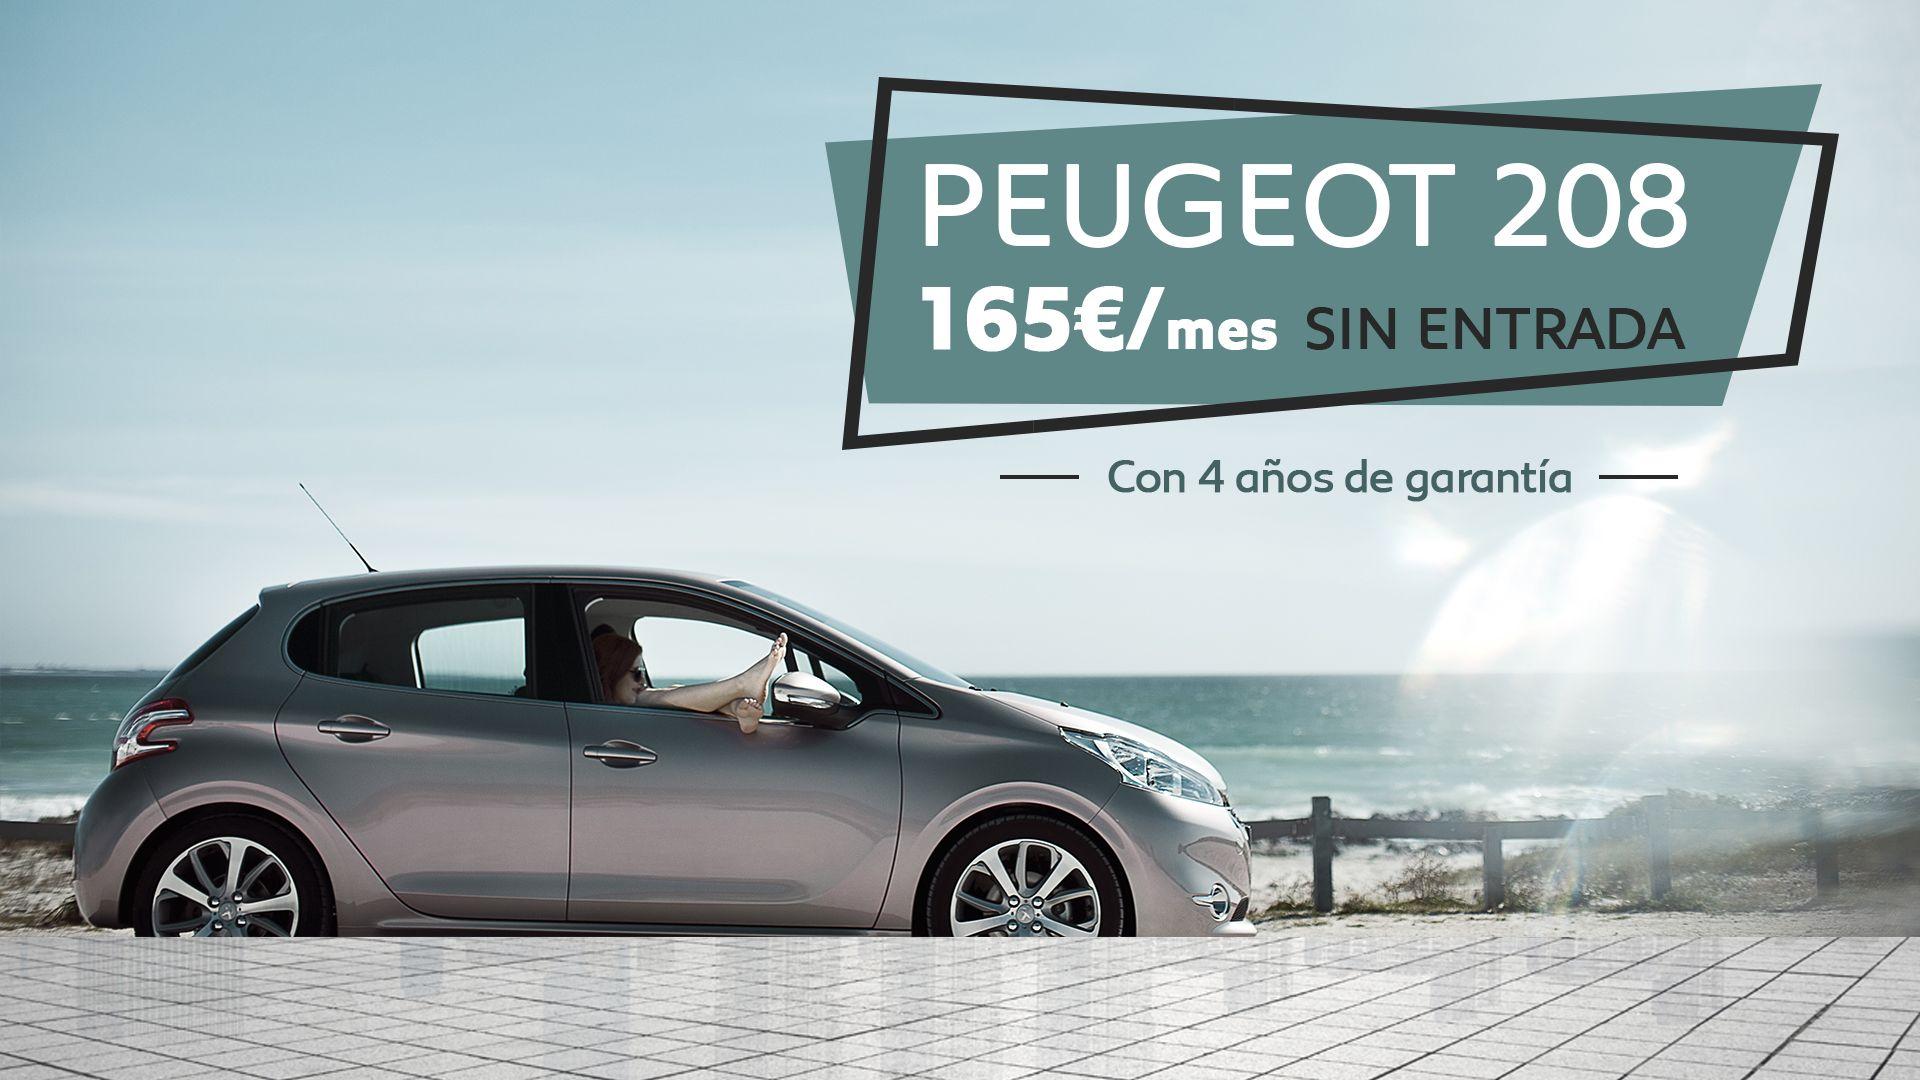 Conduce un Peugeot 208 por SÓLO 165€/mes SIN ENTRADA